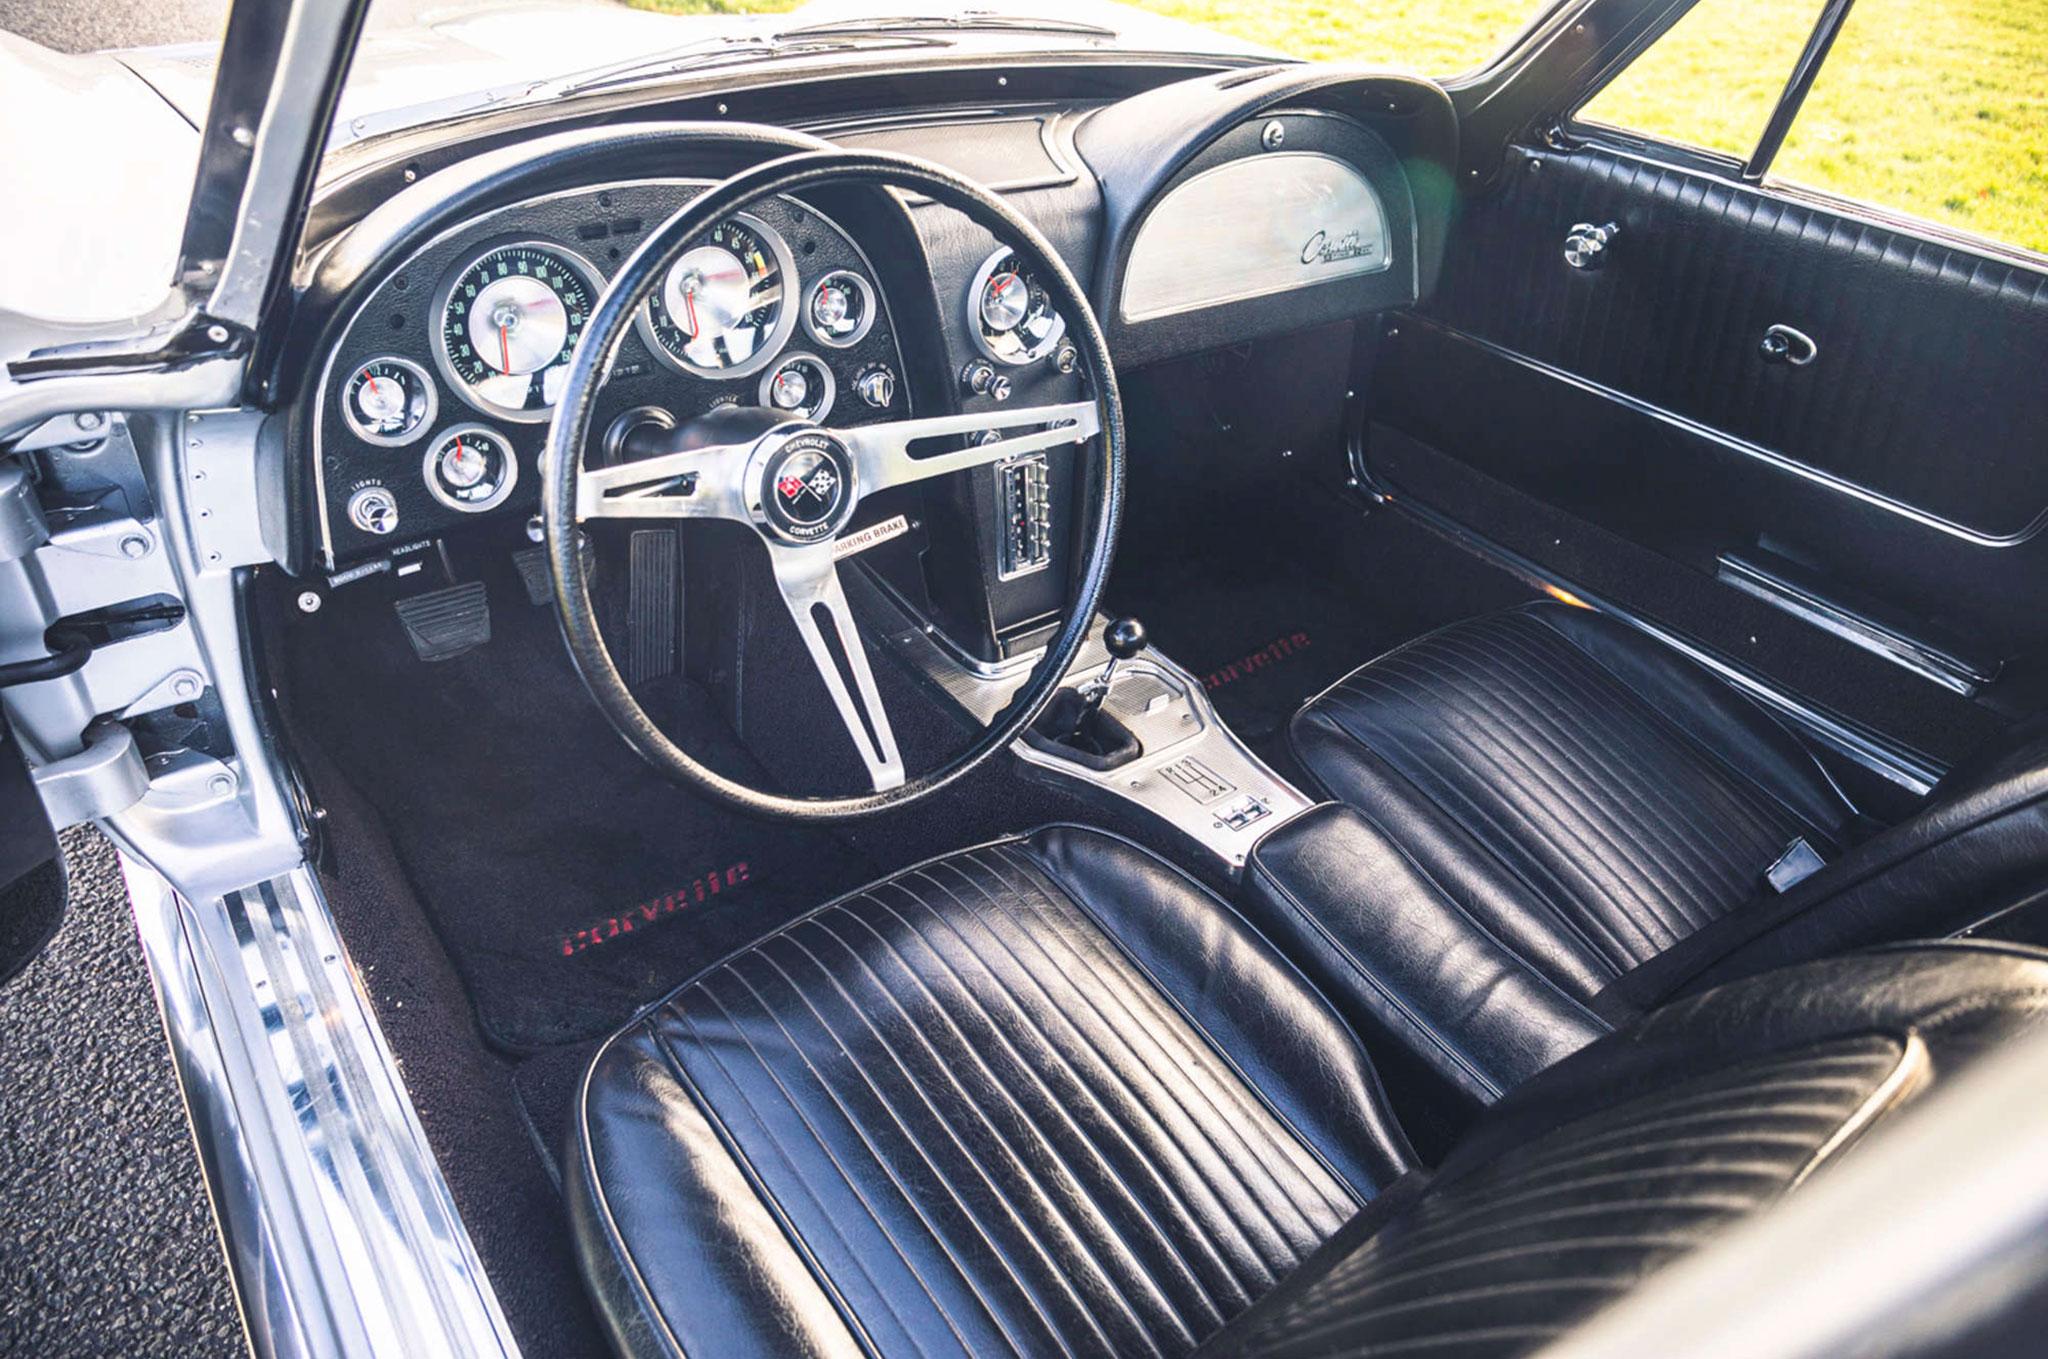 1963 Chevrolet Corvette C2 Split-Window vue de l'intérieur.